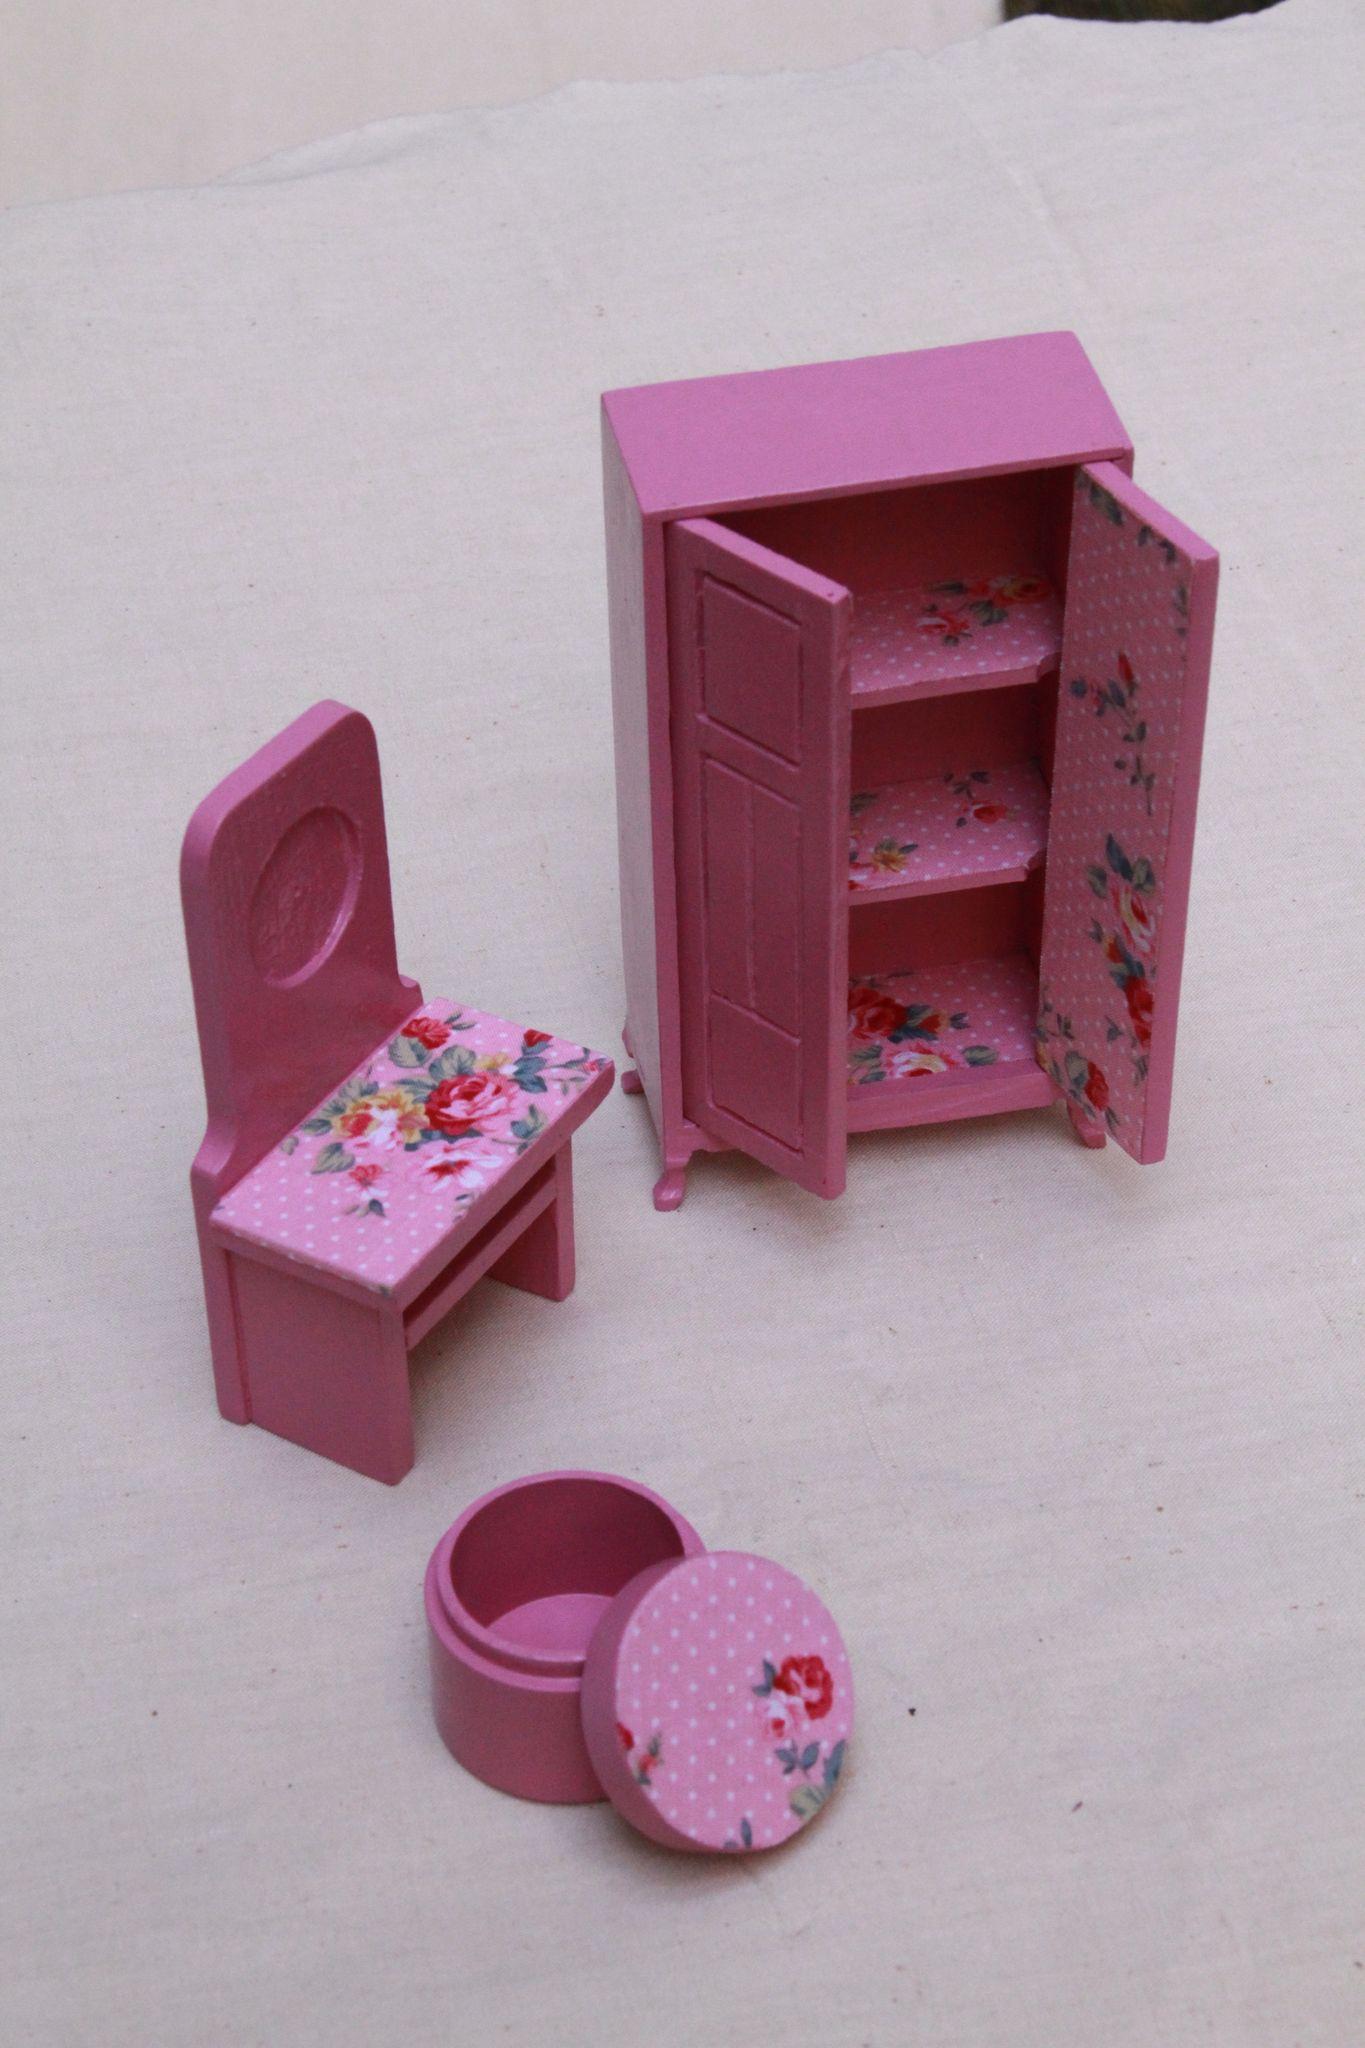 jeux en bois : petite chambre pour figurines